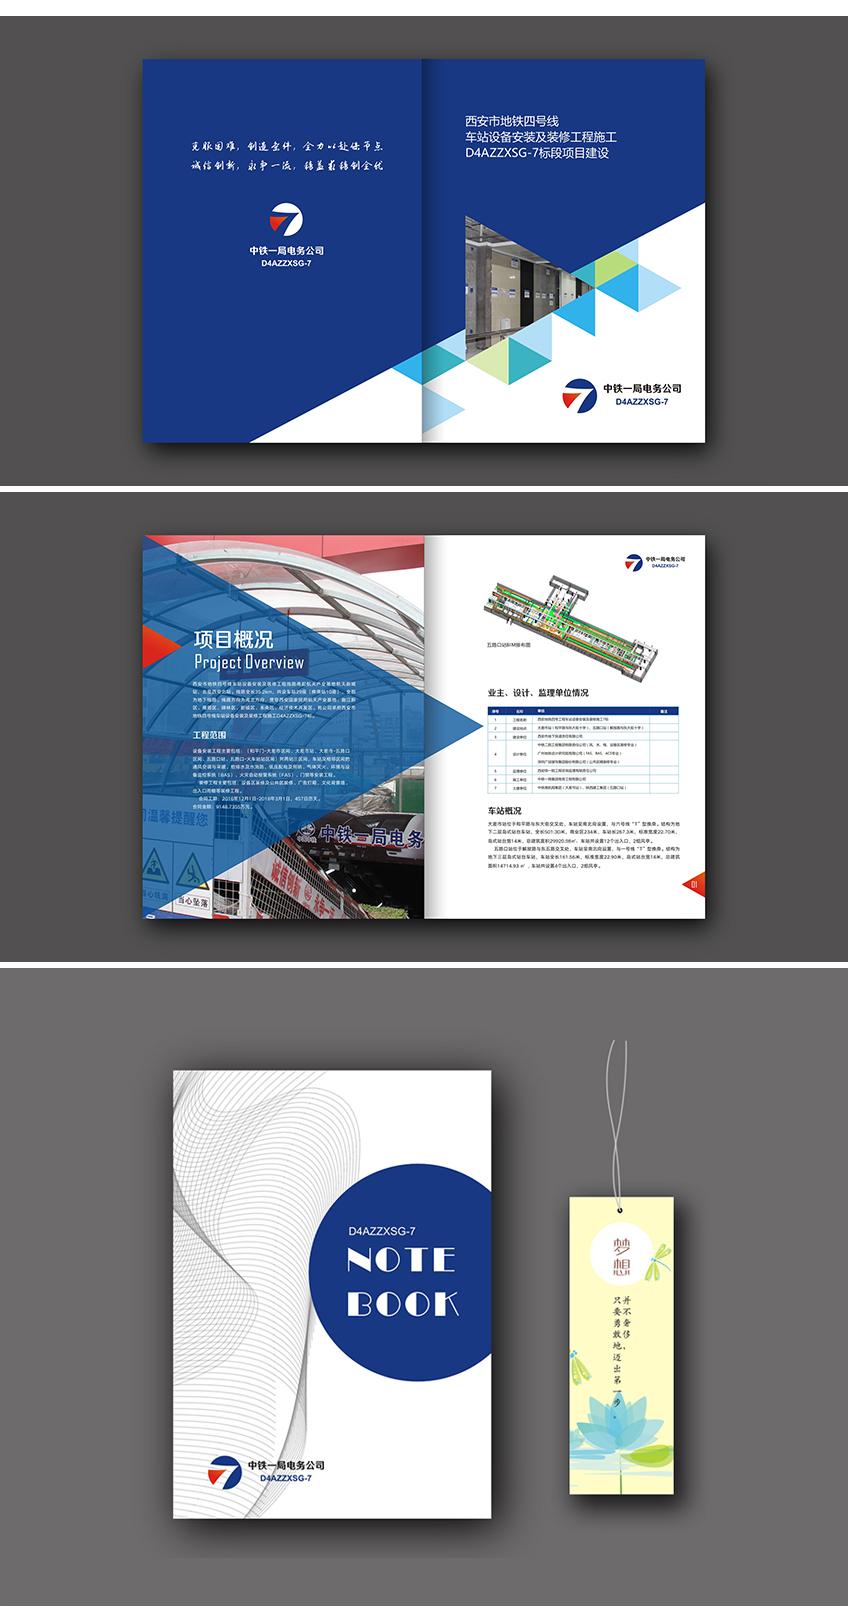 宣传册设计_企业画册宣传册设计册子产品手册宣传品公司图册相册宣传栏礼品册11